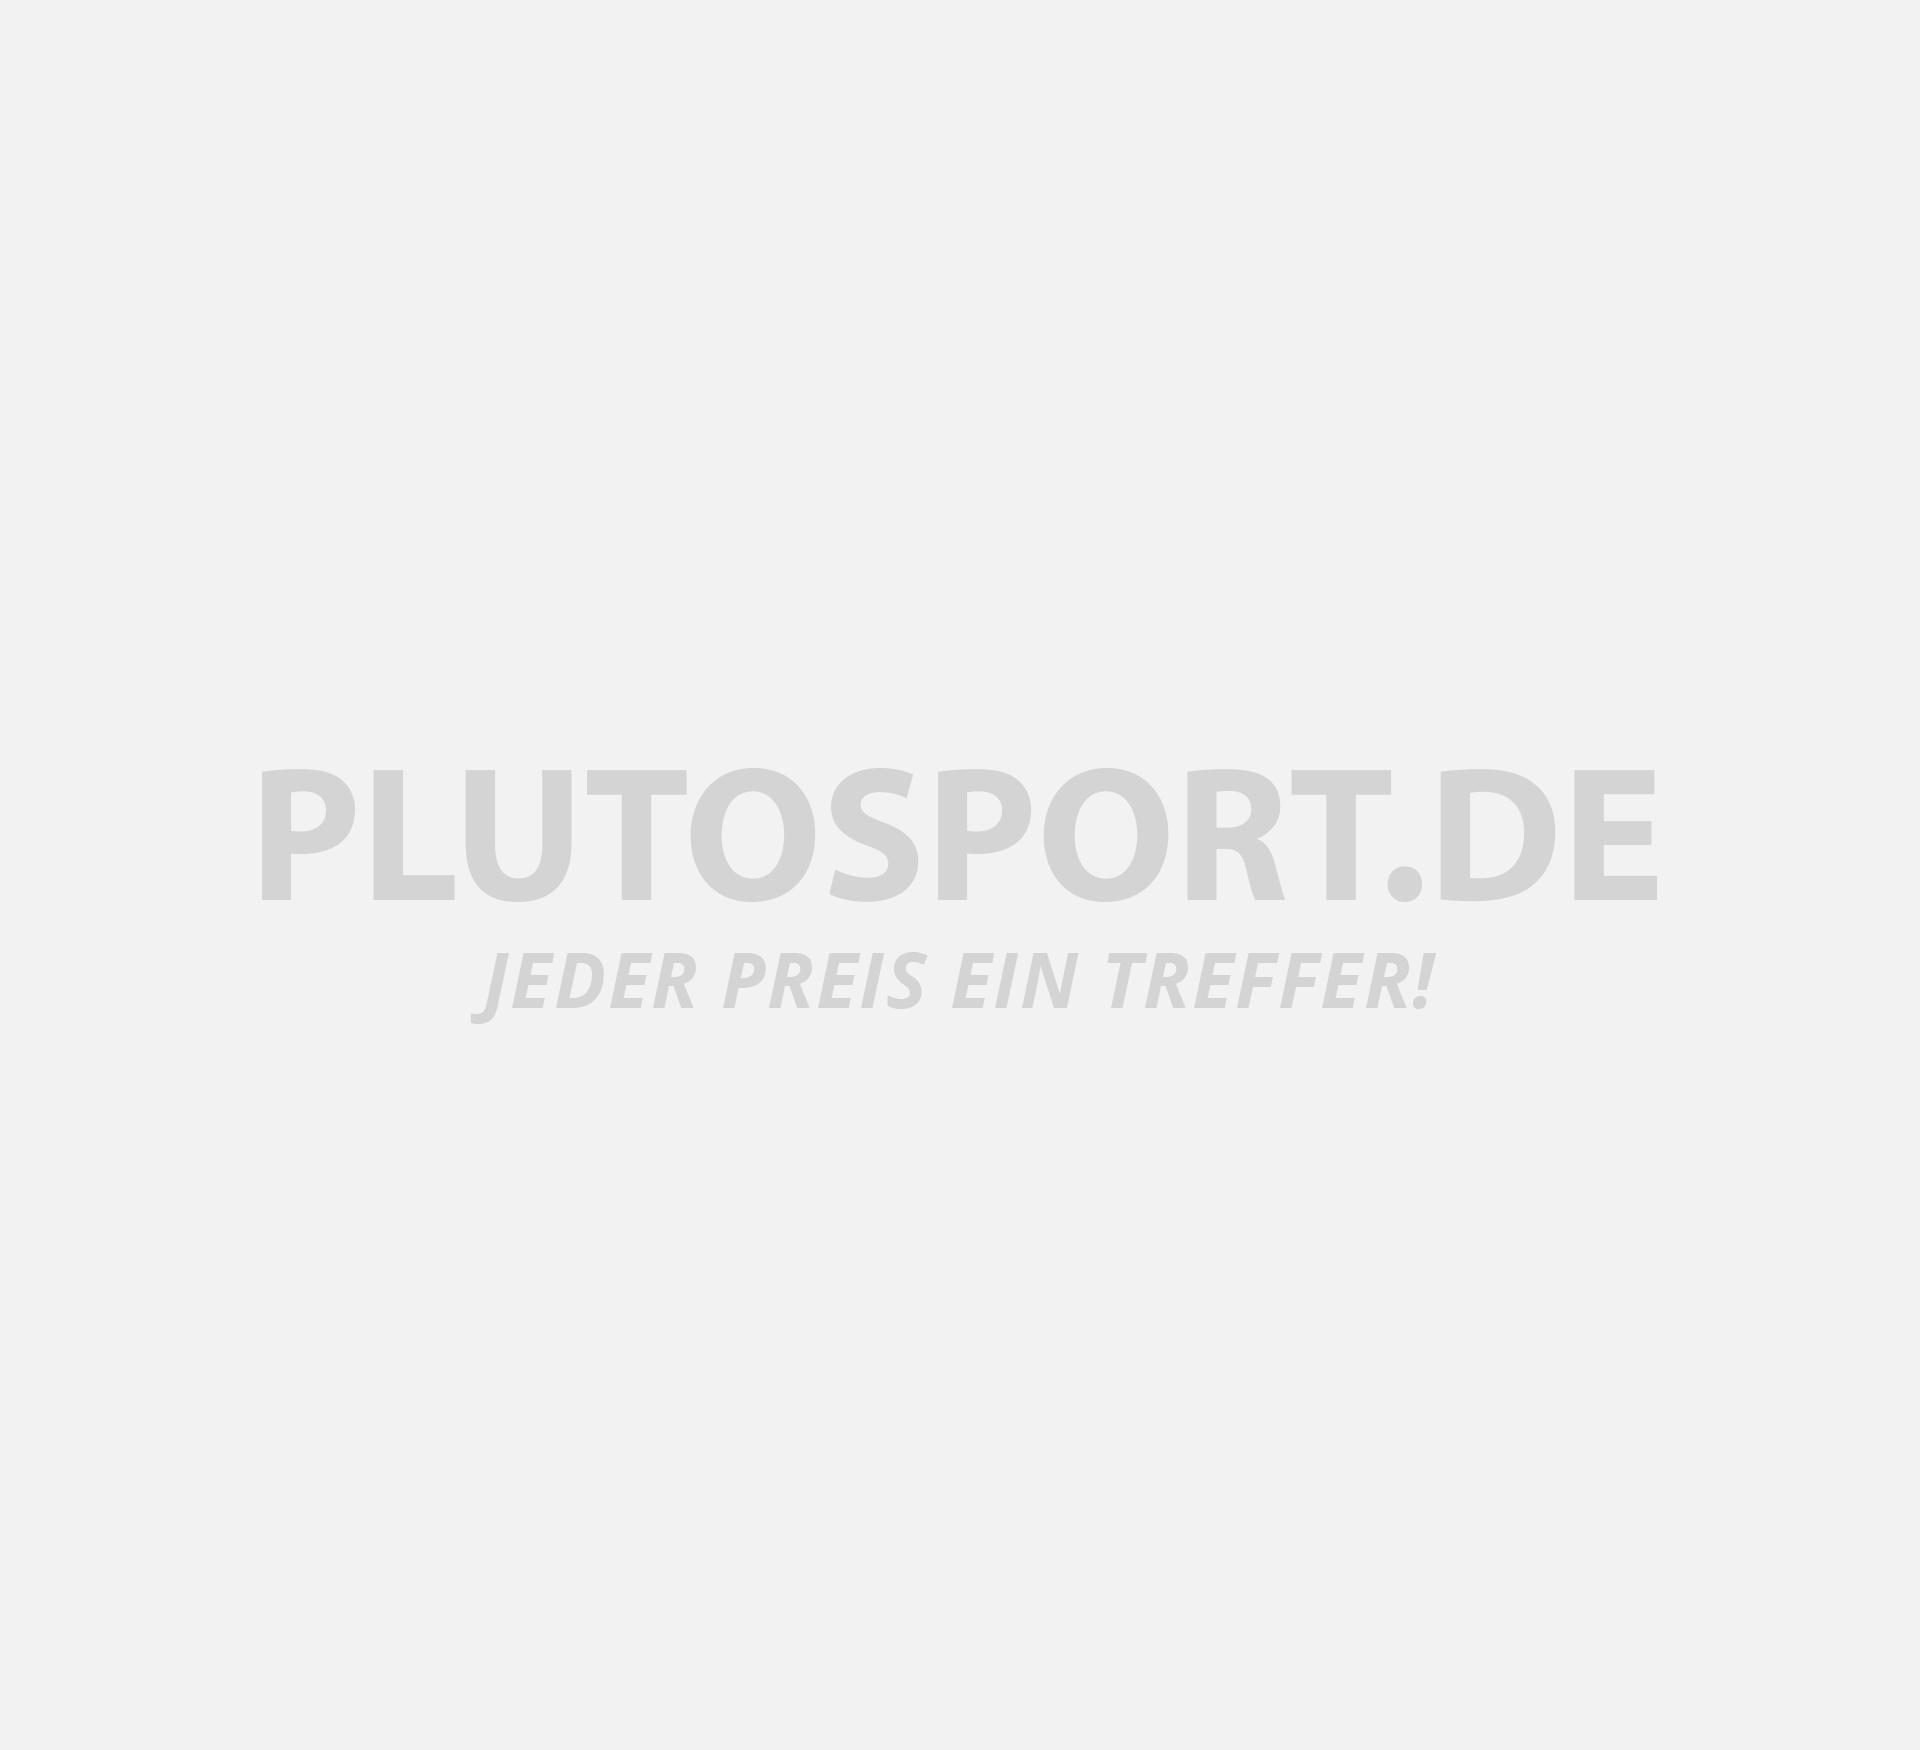 Asics Runners Bottlebelt Bauchtasche